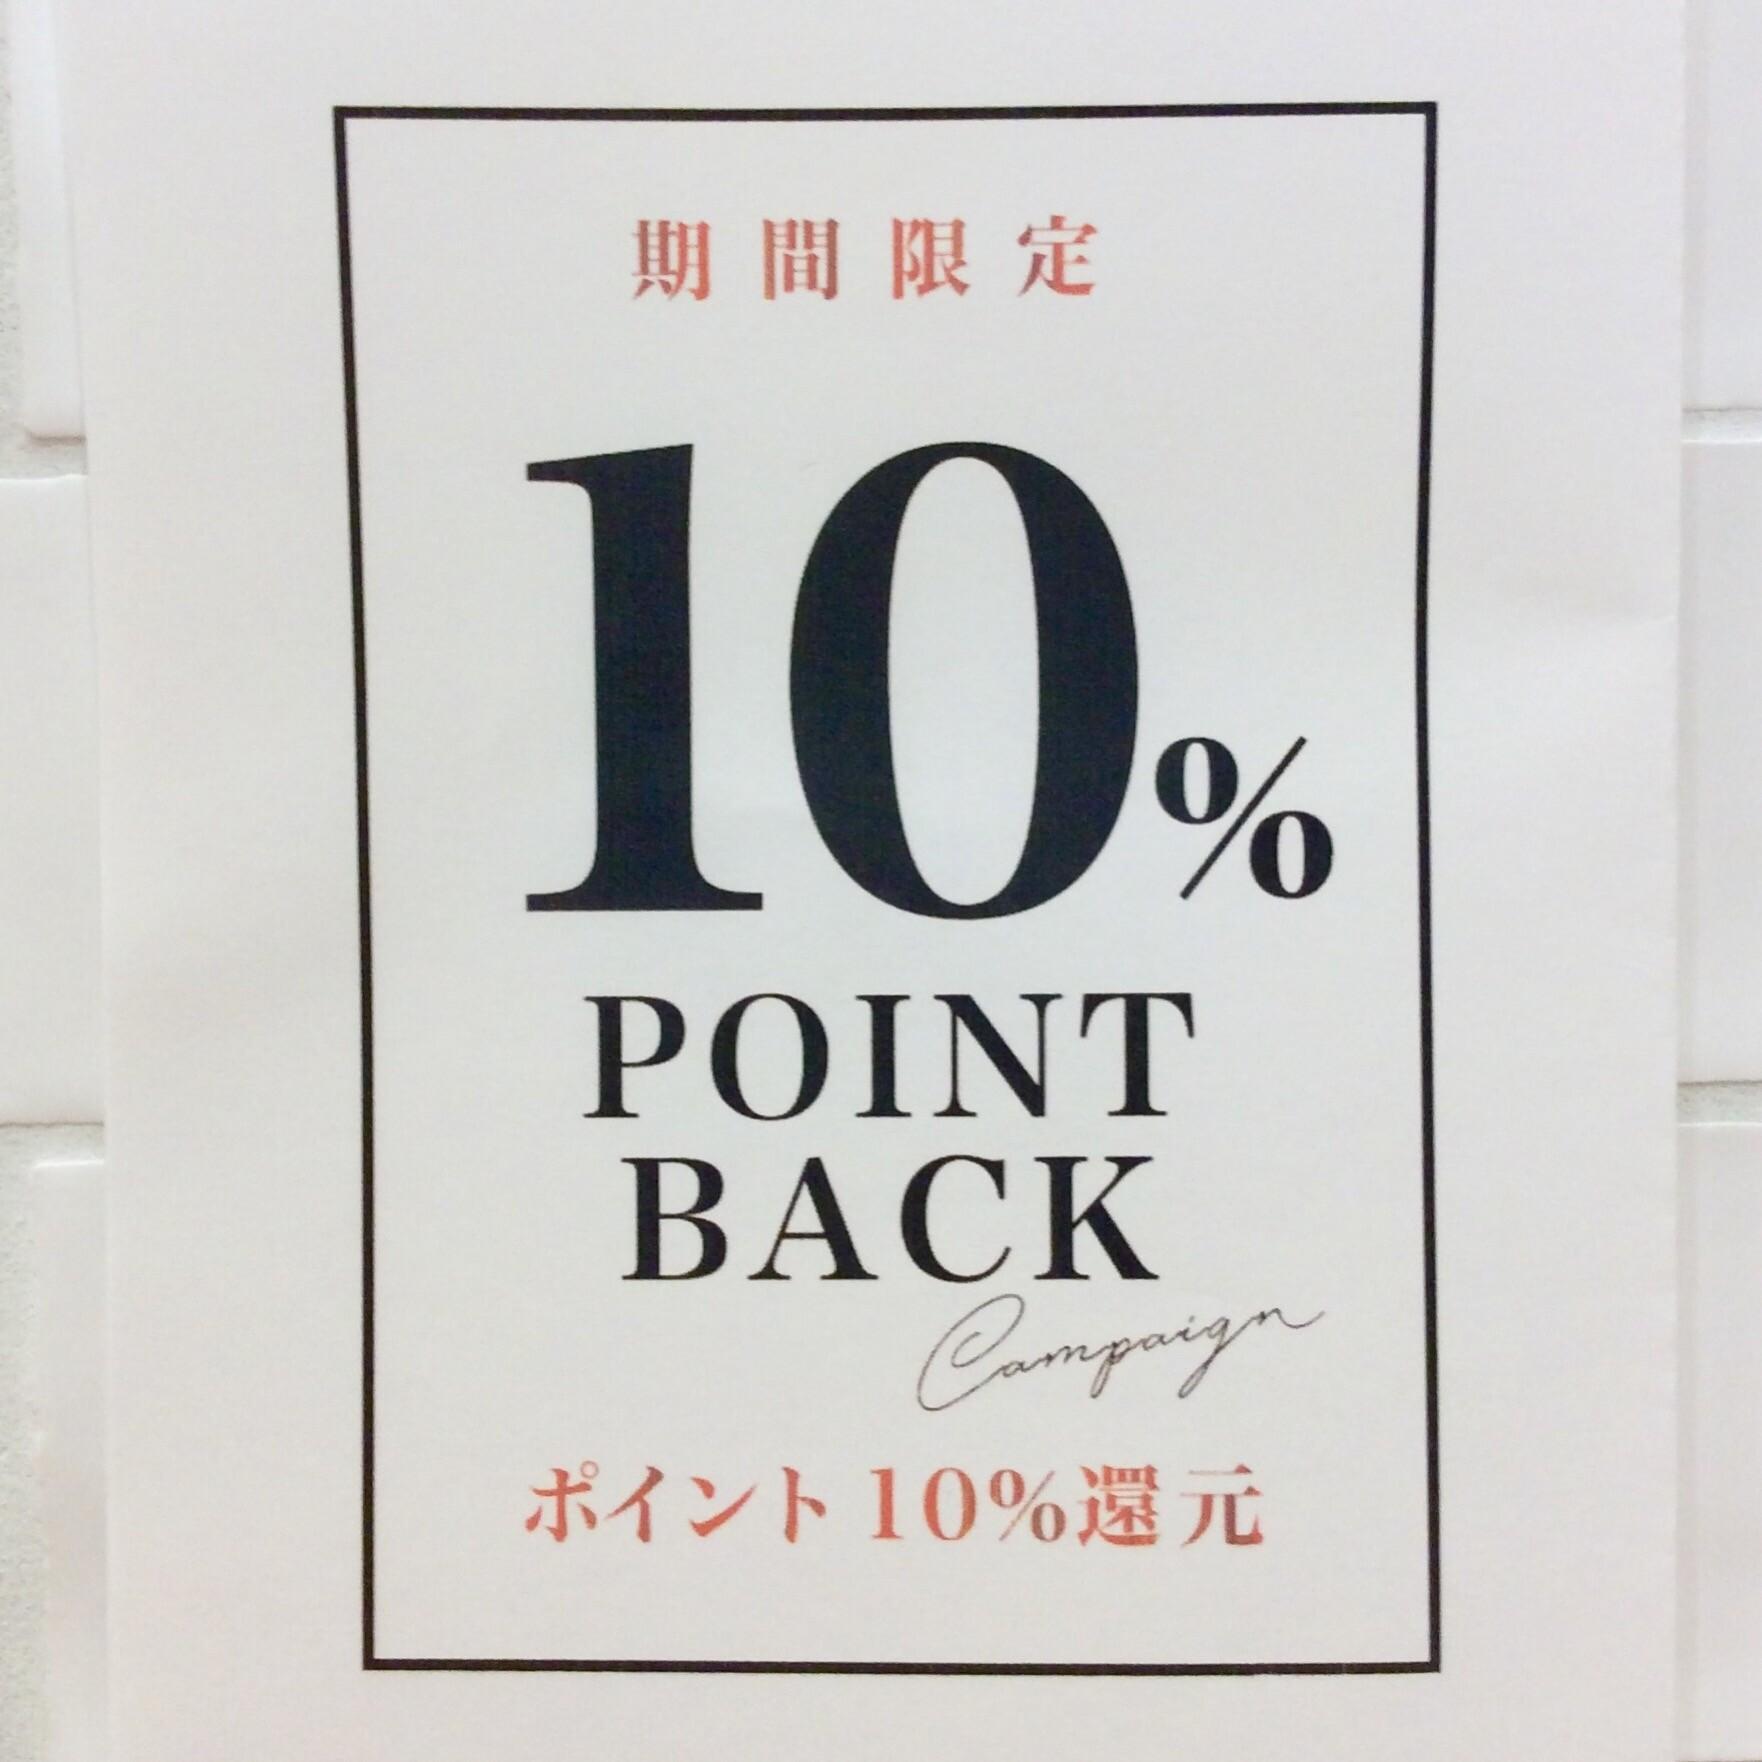 【告知】メンバーズポイント10倍3days!